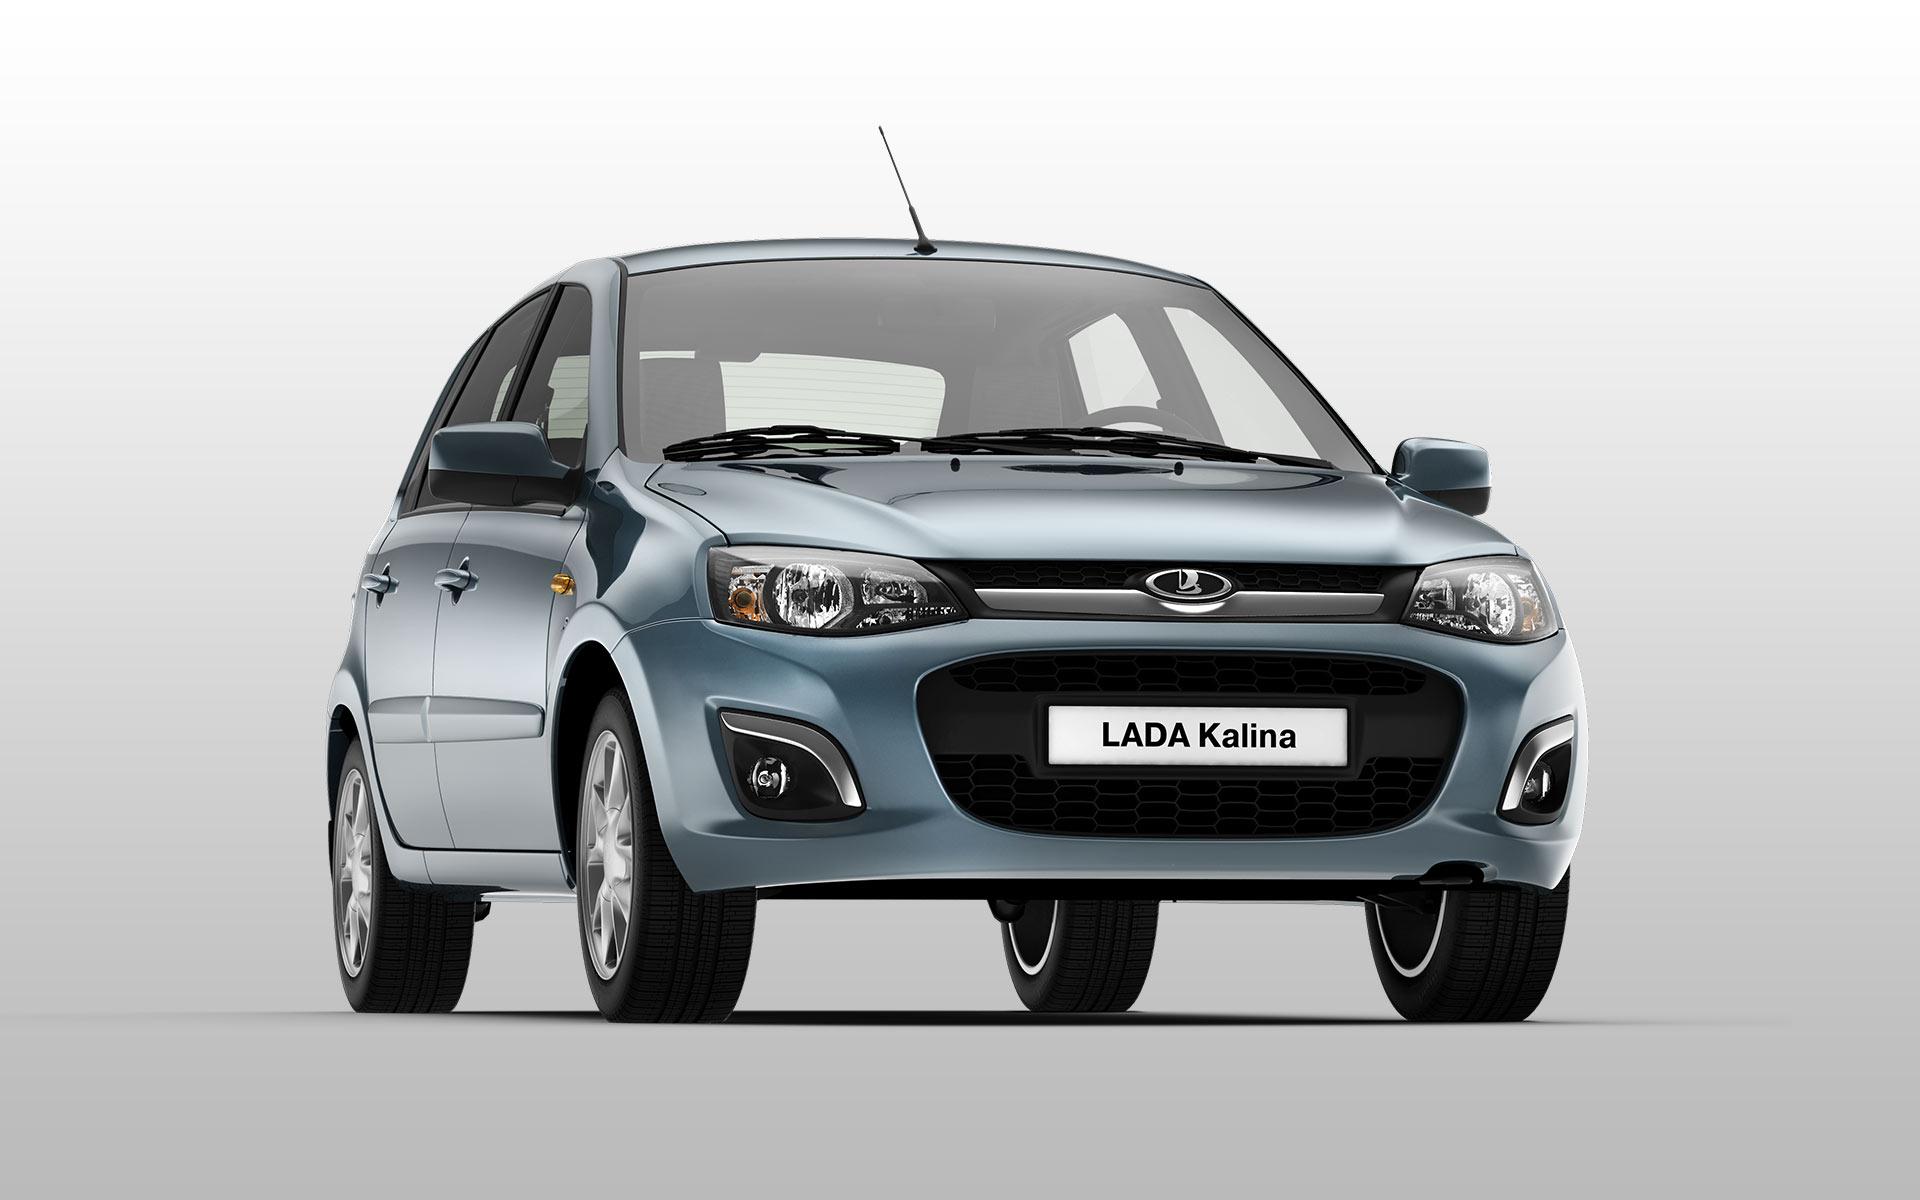 Kalina hatchback - kompakt şehir arabası